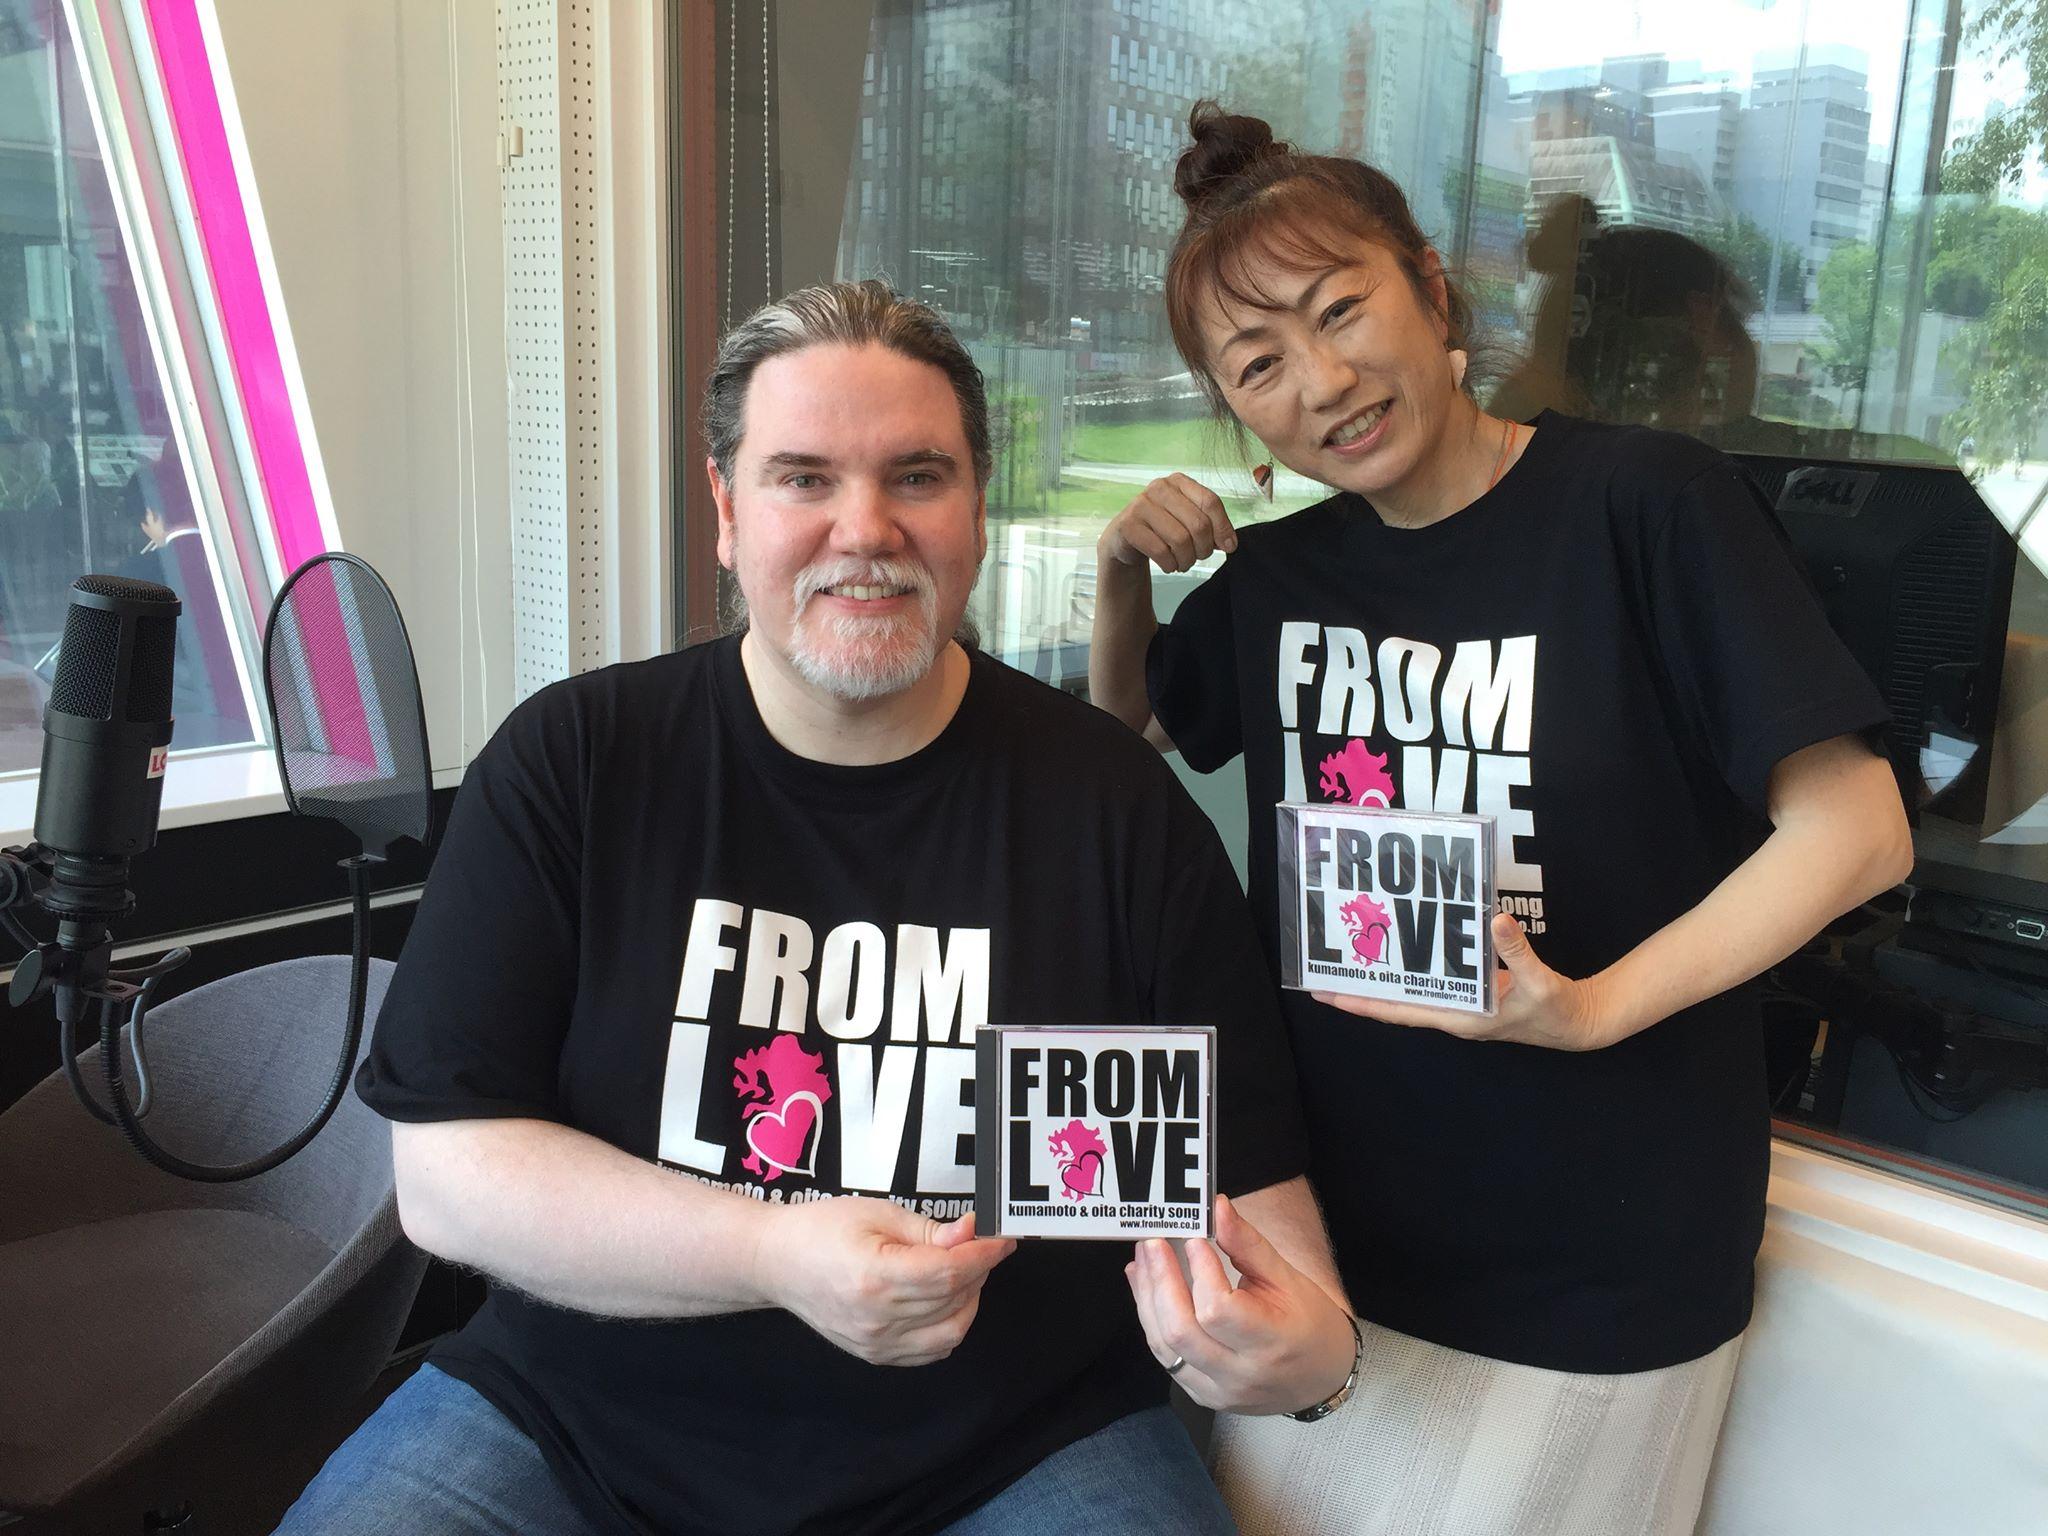 FROM LOVE 熊本大分を応援するチャリティーソング_a0150139_6504585.jpg